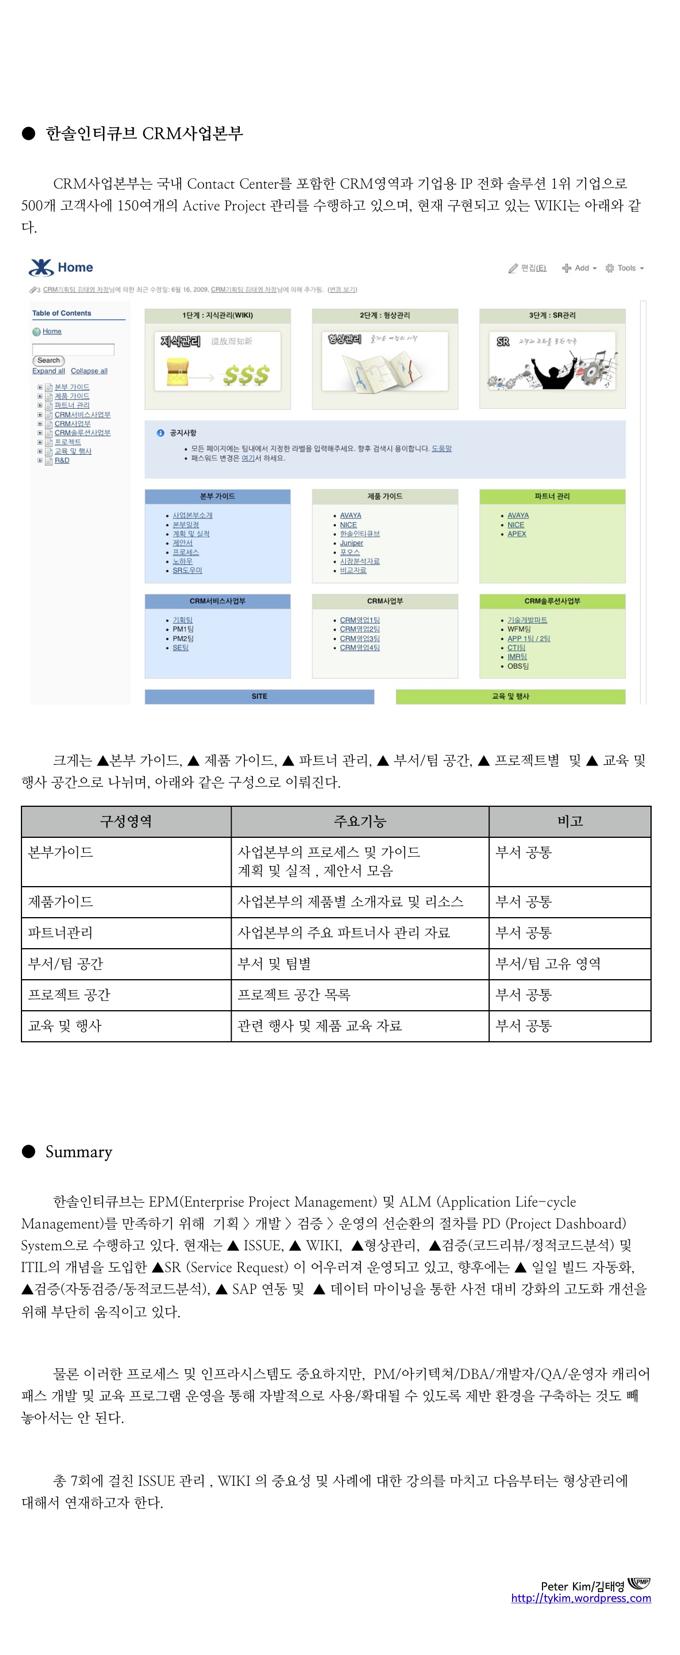 연재-WIKI-03도입사례-한솔인티큐브02.png